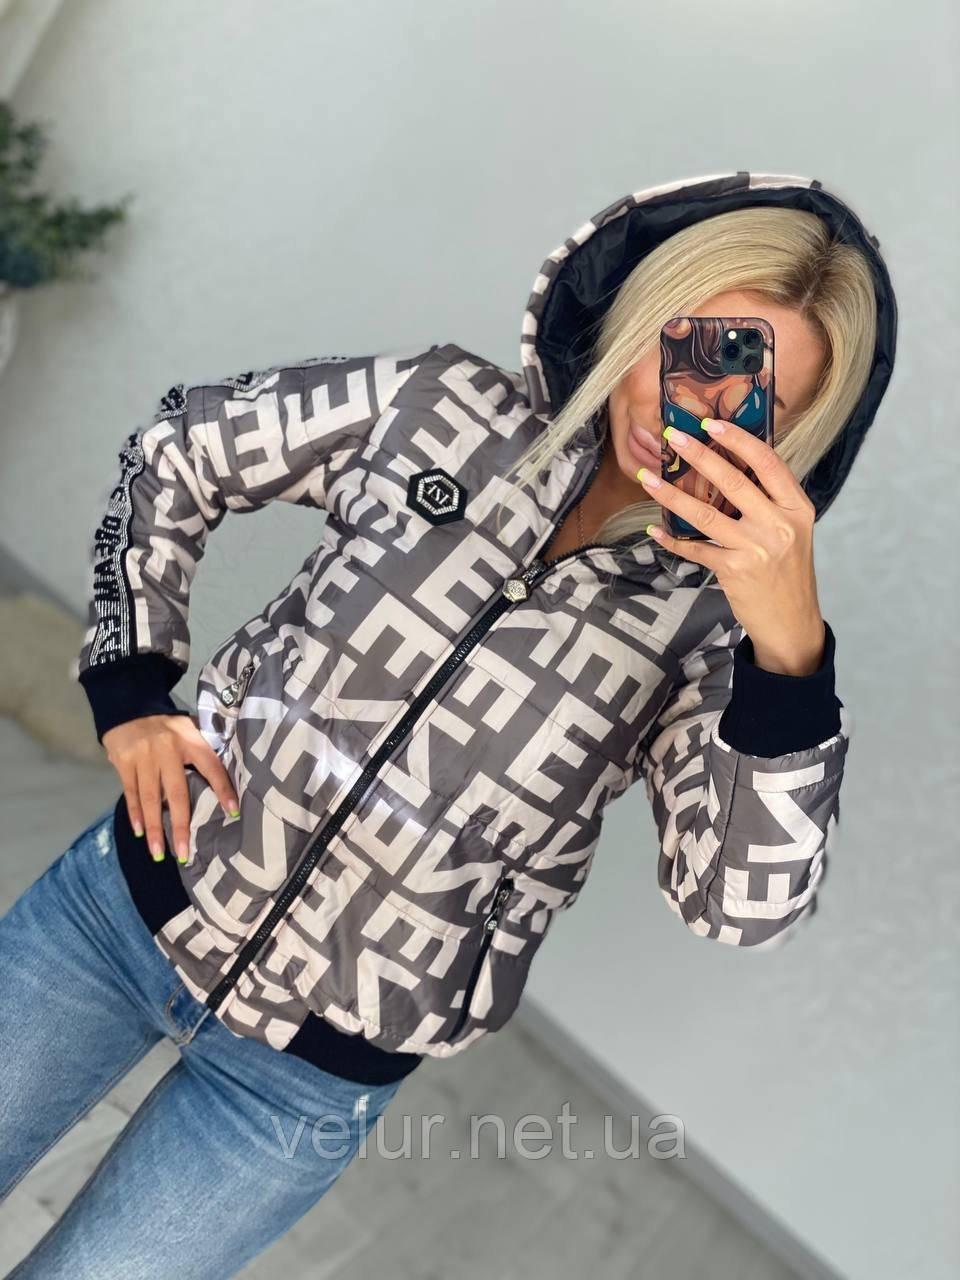 Женская стильная брендовая куртка с капюшоном,3 цвета, размеры: 38,40,42,44 евро, 4 цвета.